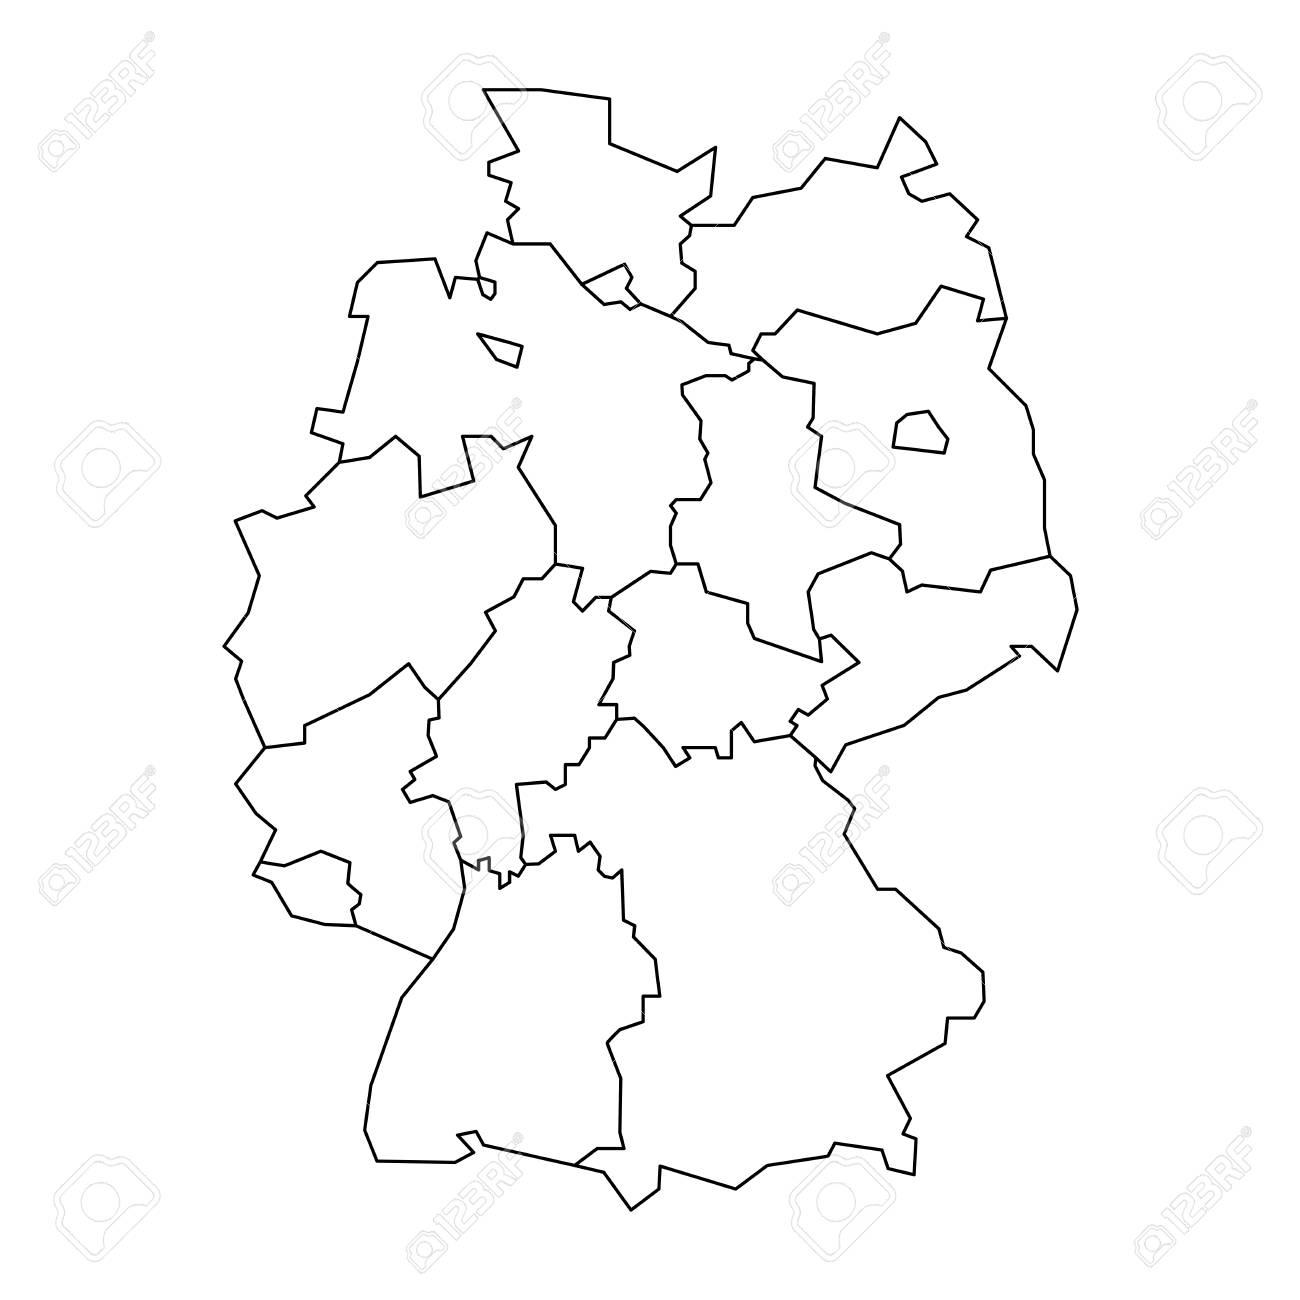 Mappa Della Germania Divisa A 13 Stati Federali E 3 Città Stato